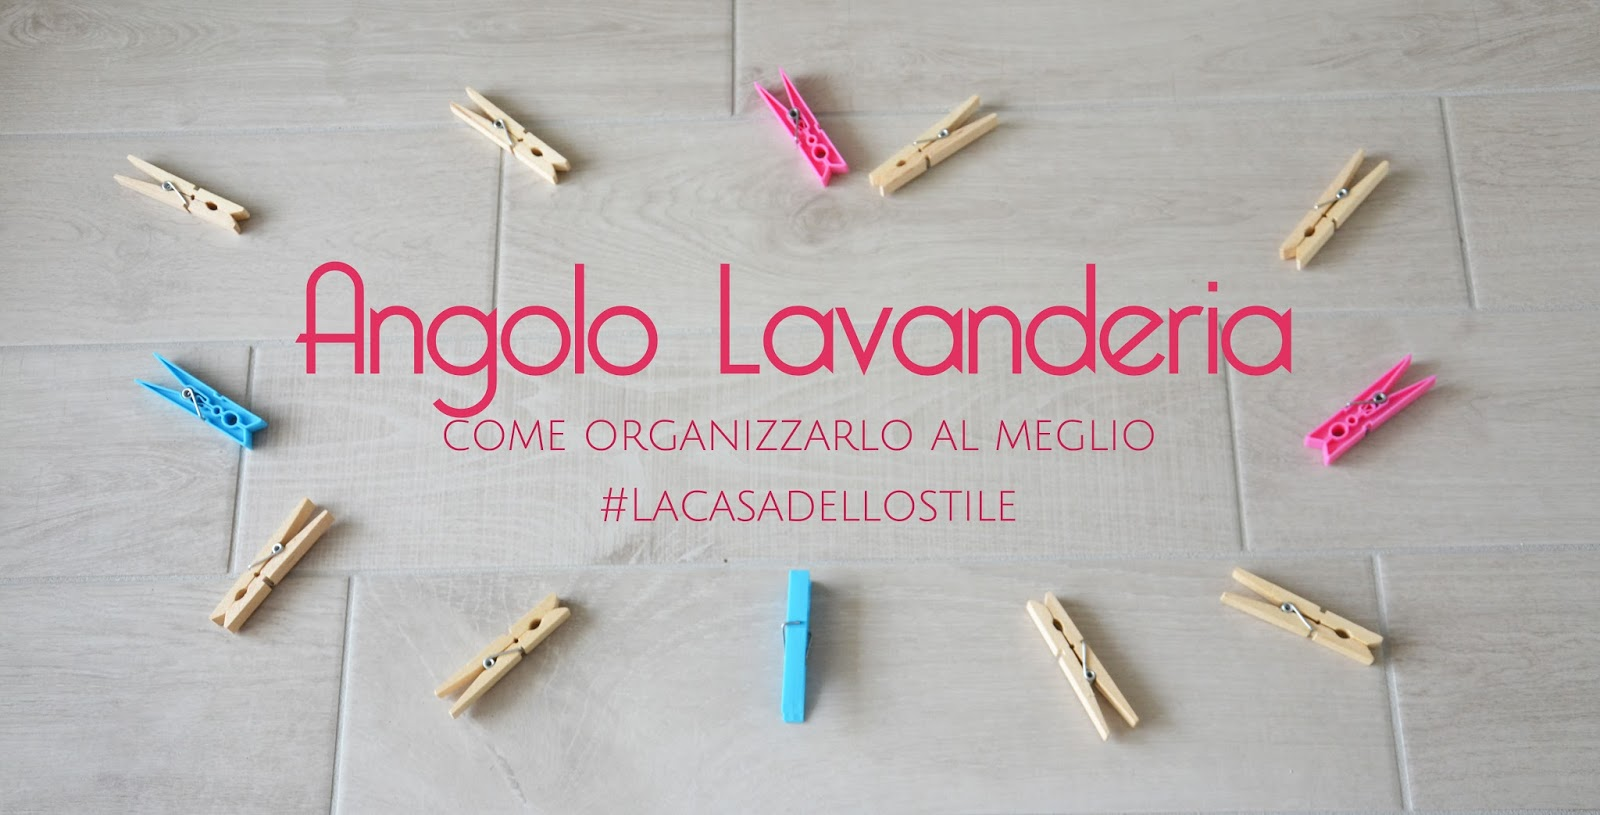 Angolo Lavanderia Stireria : Angolo lavanderia come organizzarlo la casa dello stile